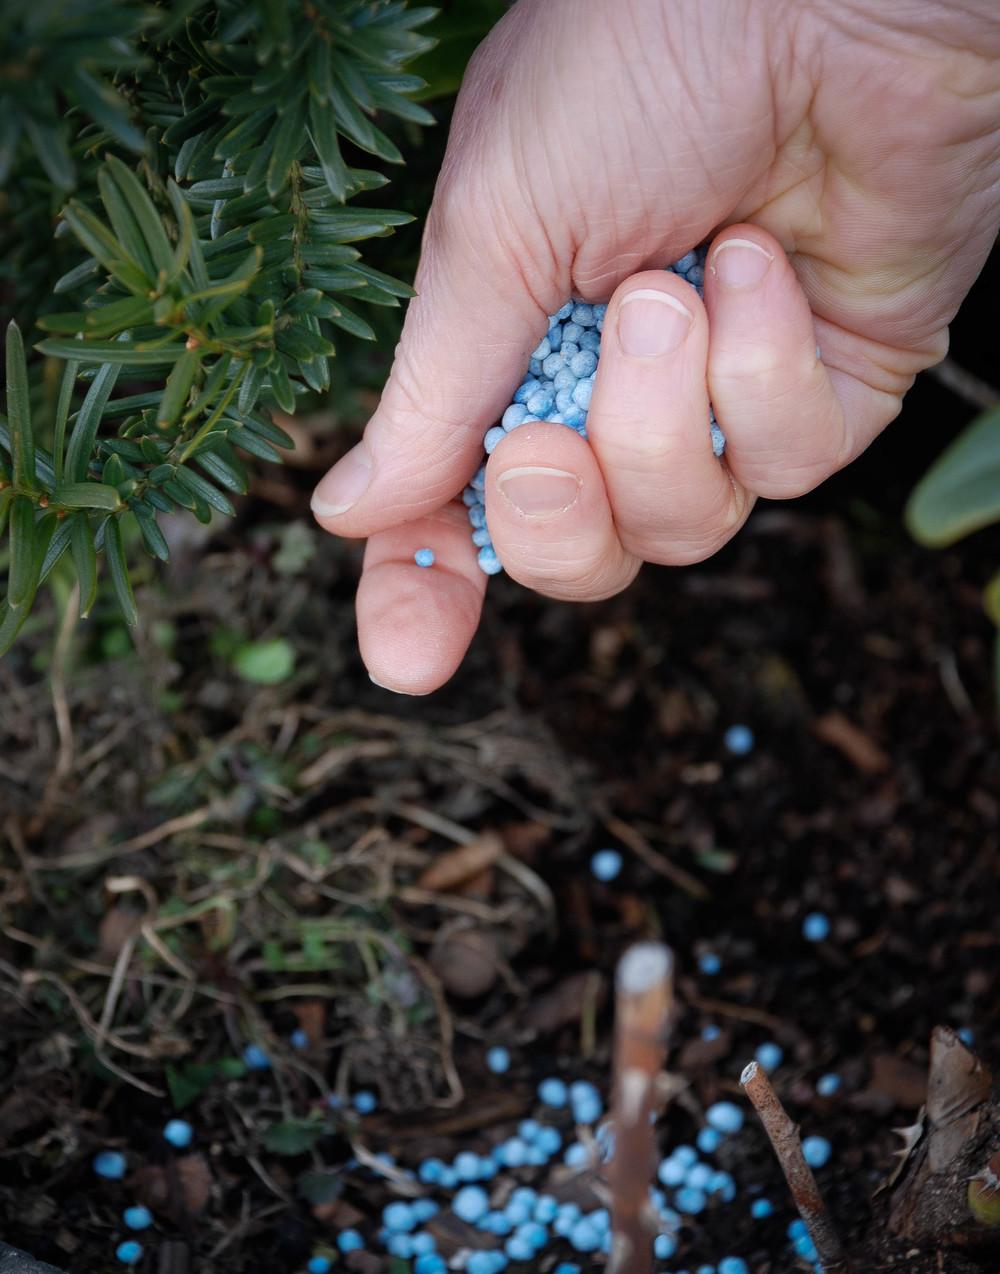 Blåkorn  er en type kunstgjødsel som blandes inn i jorda. Som all type gjødsel må du være nøye med doseringen og med å fordele gjødselen godt utover. Ellers brenner du røttene.